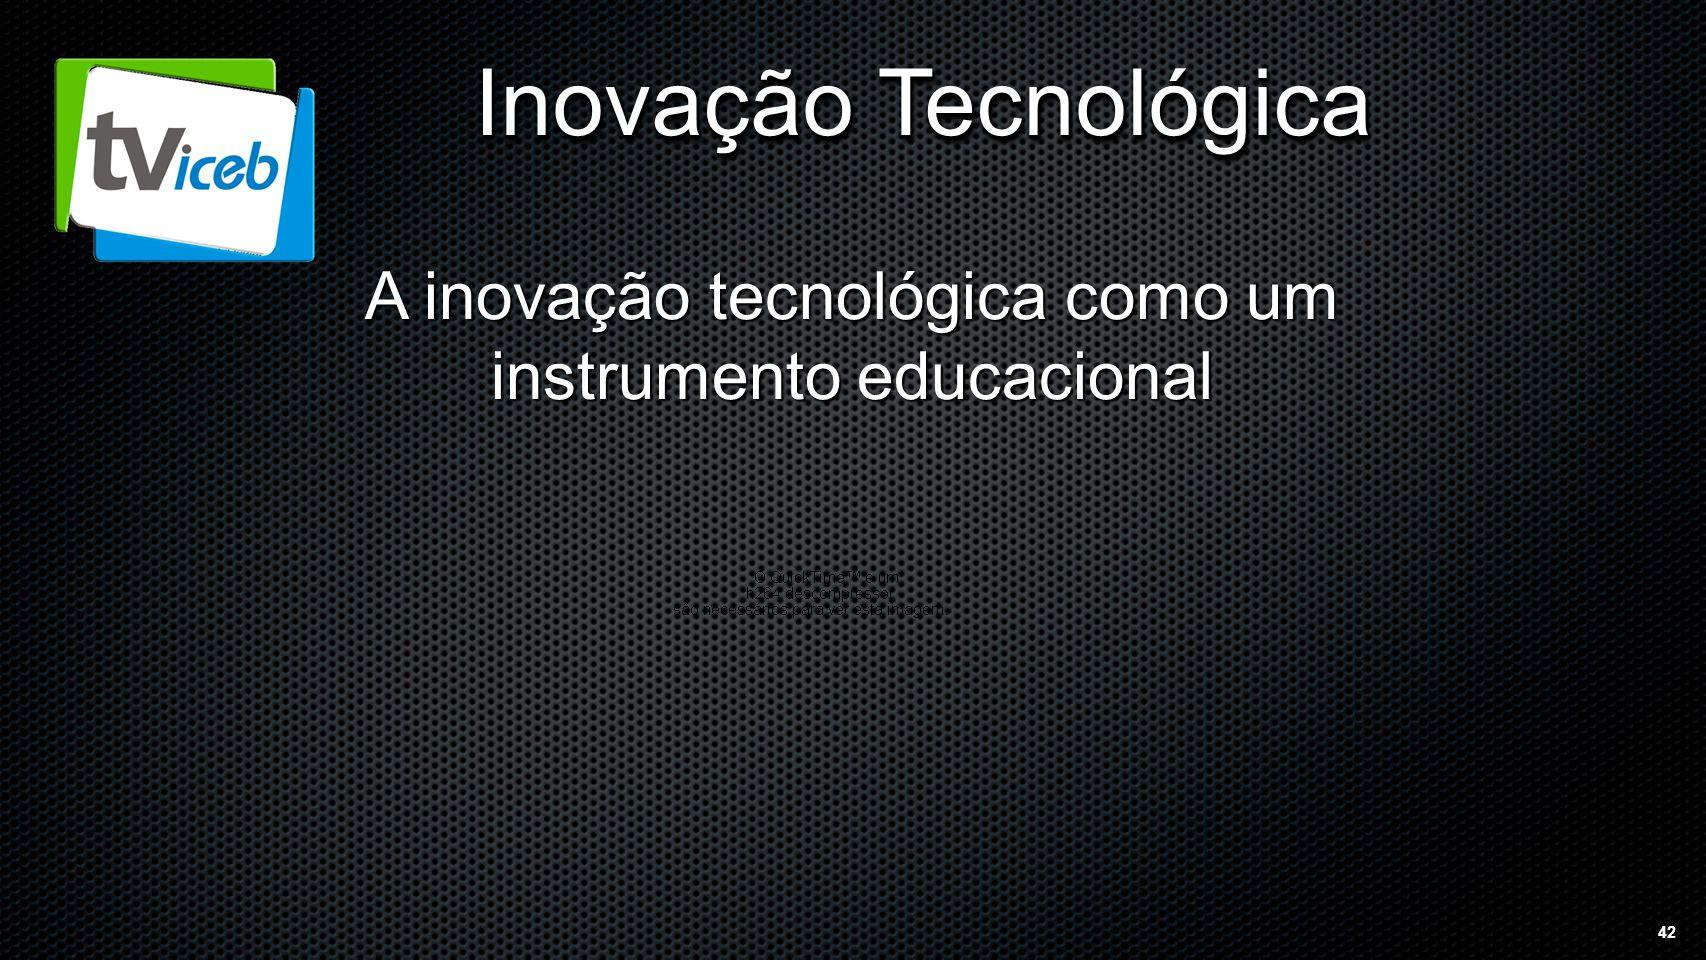 42 Inovação Tecnológica A inovação tecnológica como um instrumento educacional